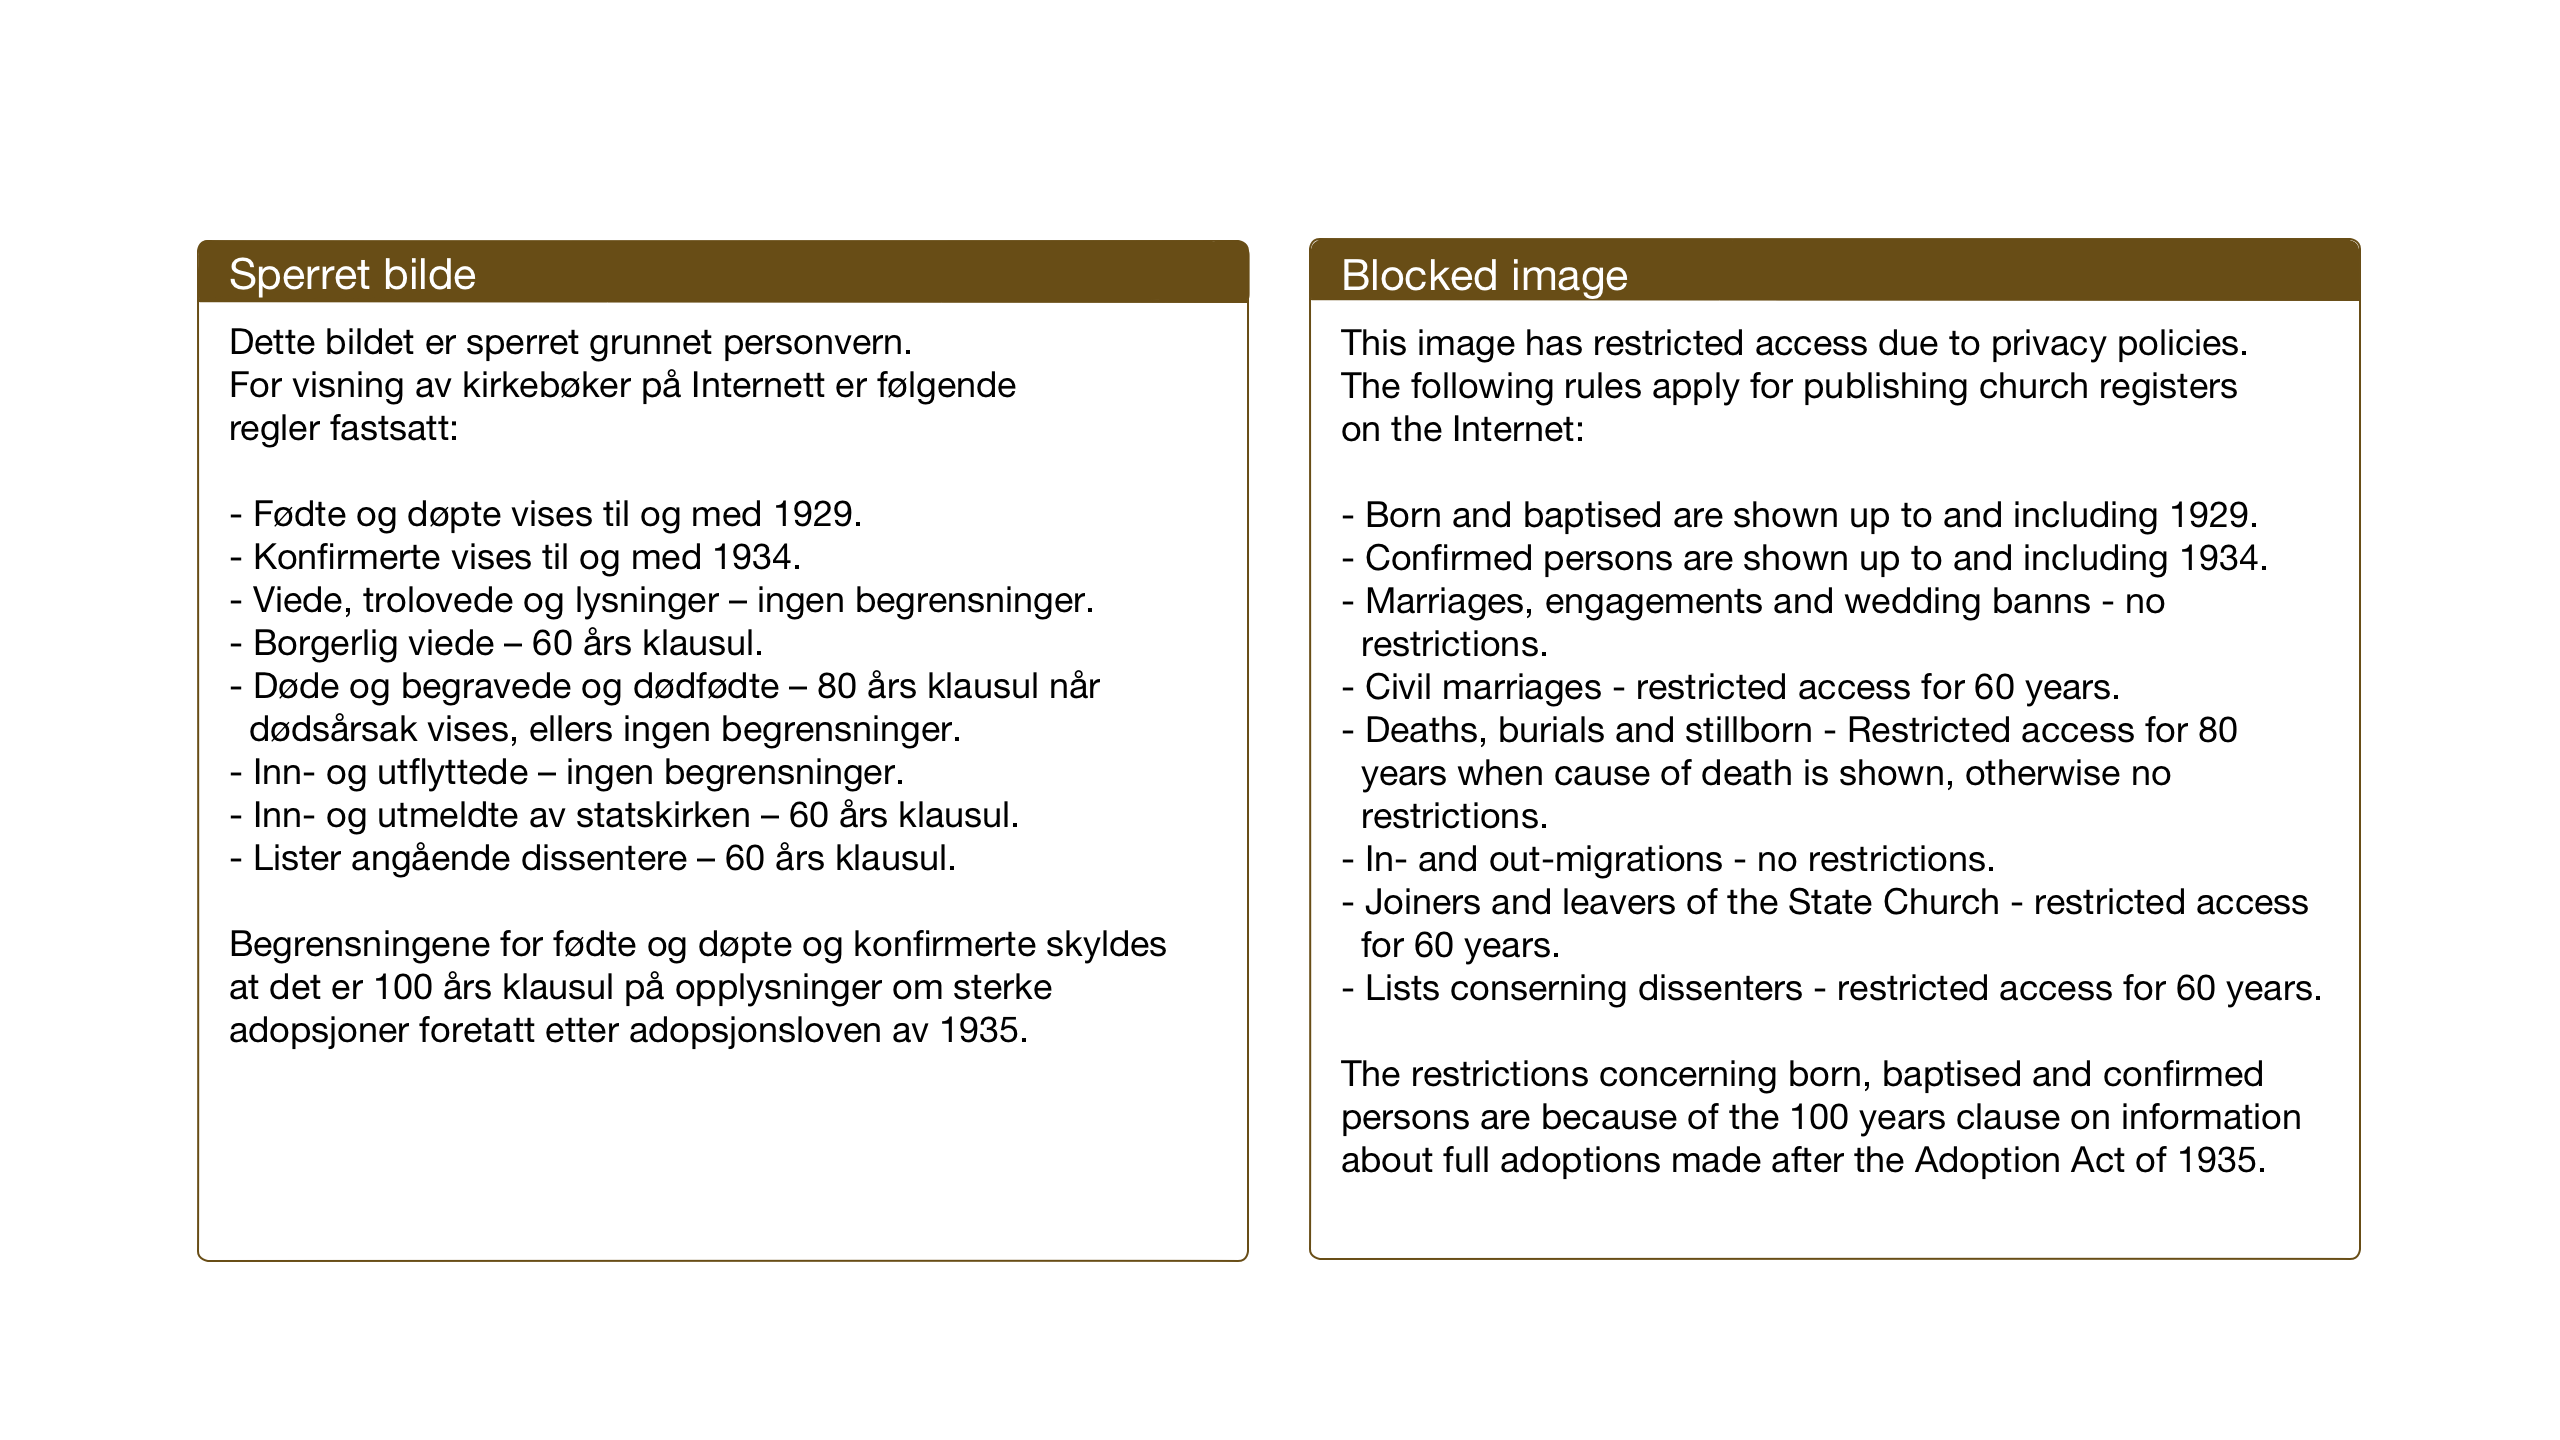 SAT, Ministerialprotokoller, klokkerbøker og fødselsregistre - Nord-Trøndelag, 755/L0500: Klokkerbok nr. 755C01, 1920-1962, s. 84